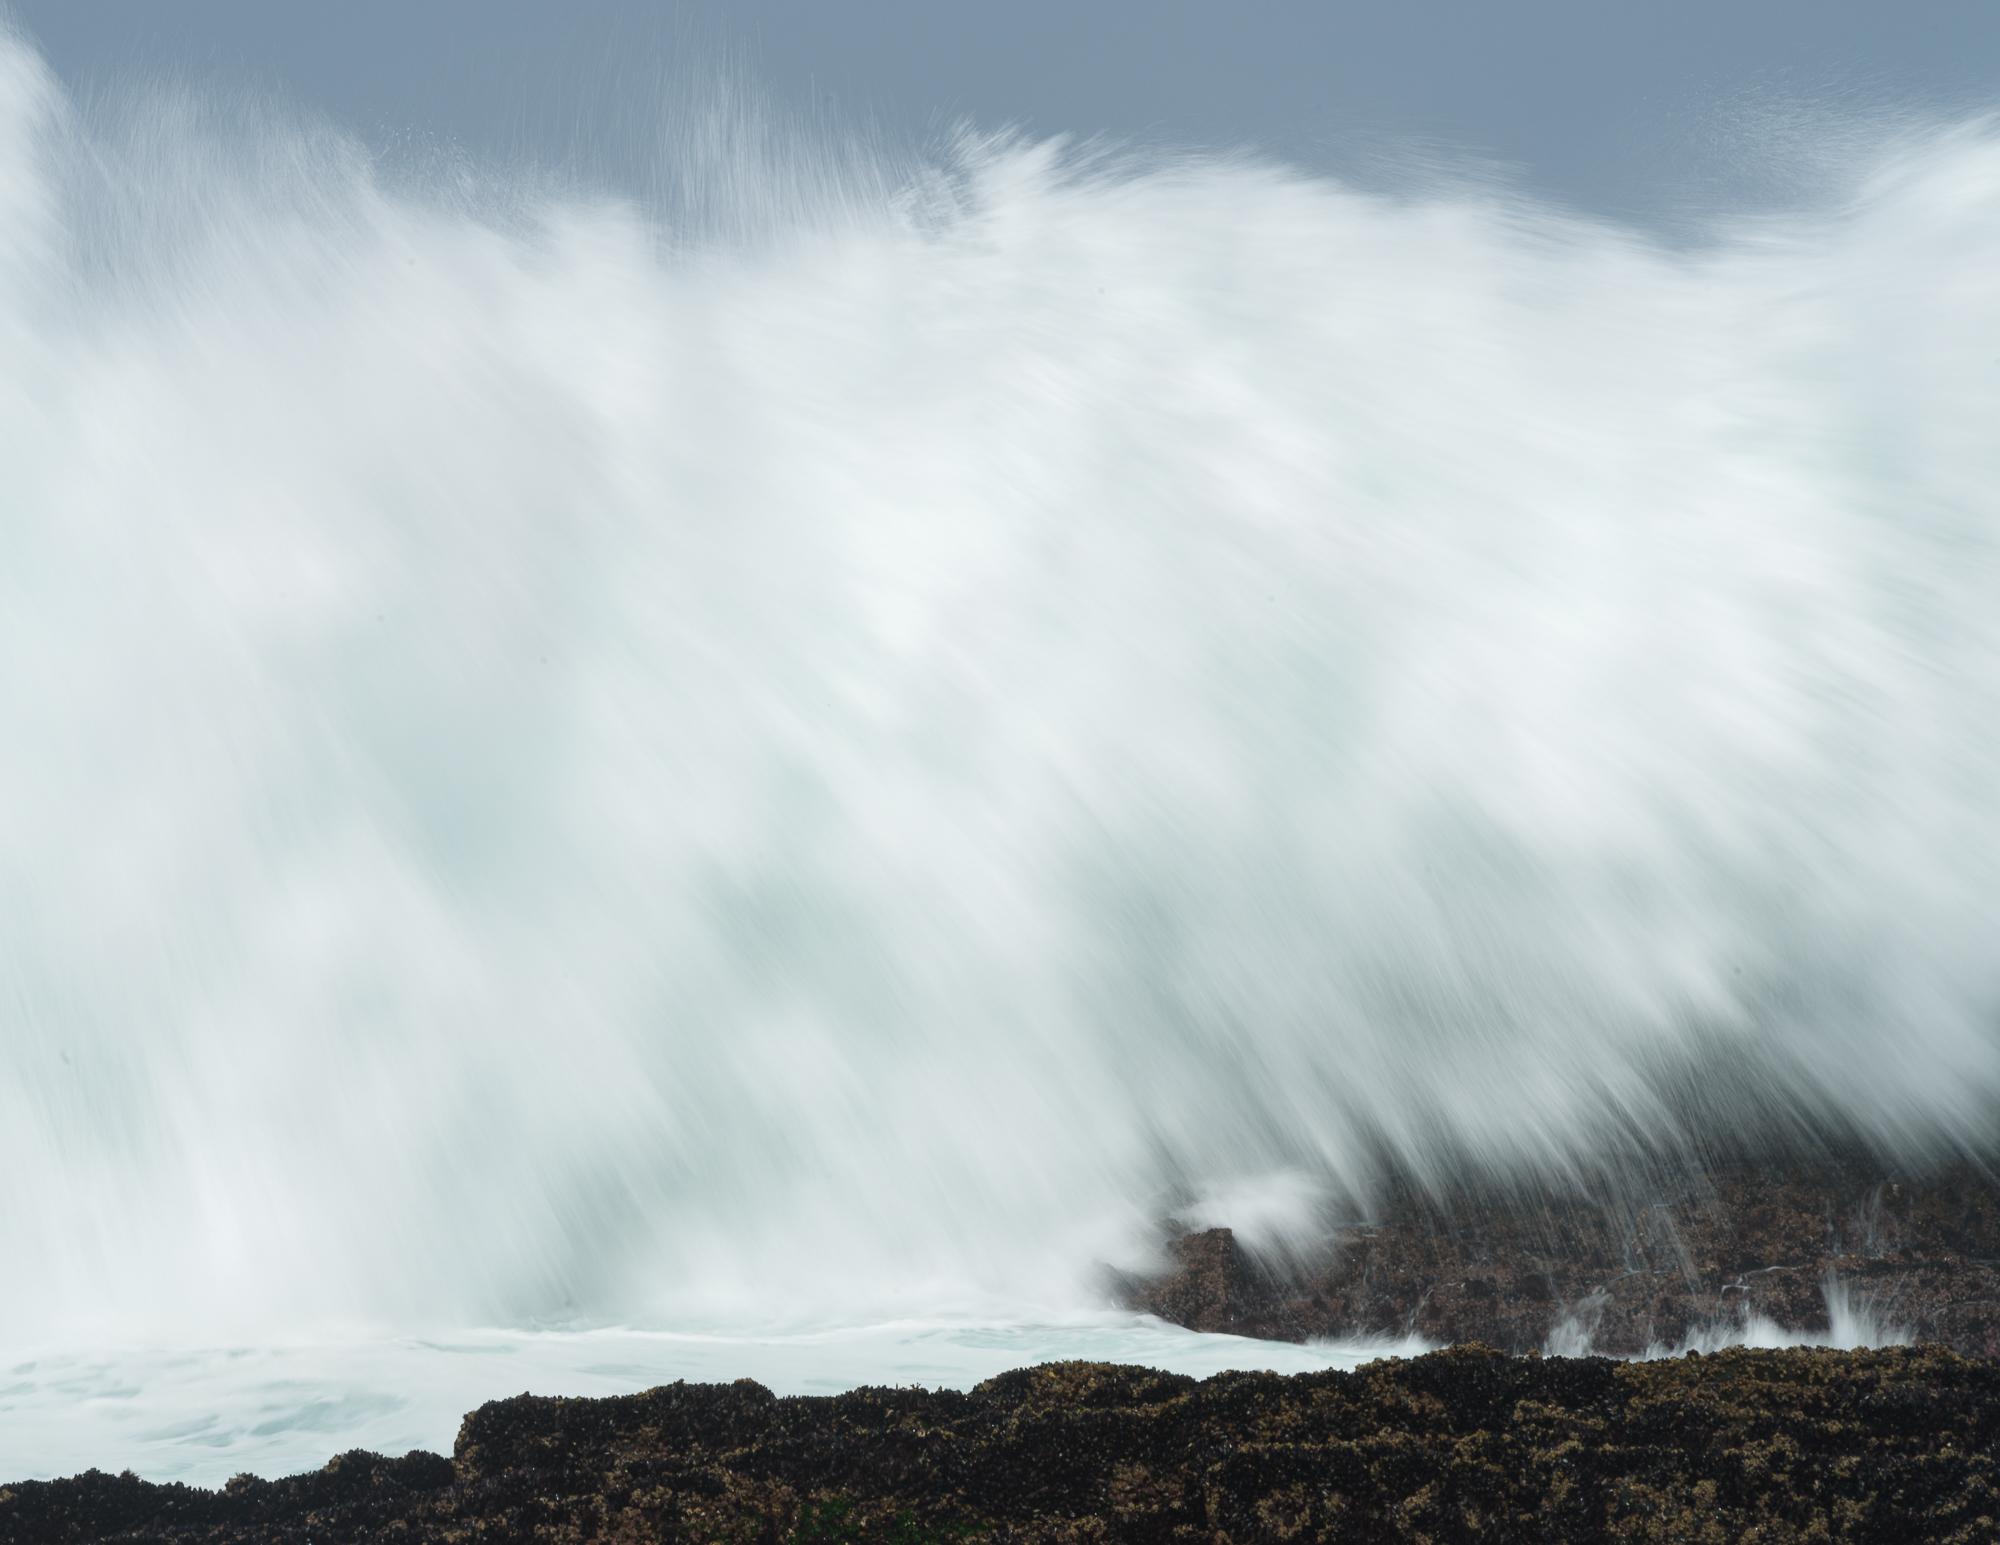 Eindeloze golven (1/13 sec)